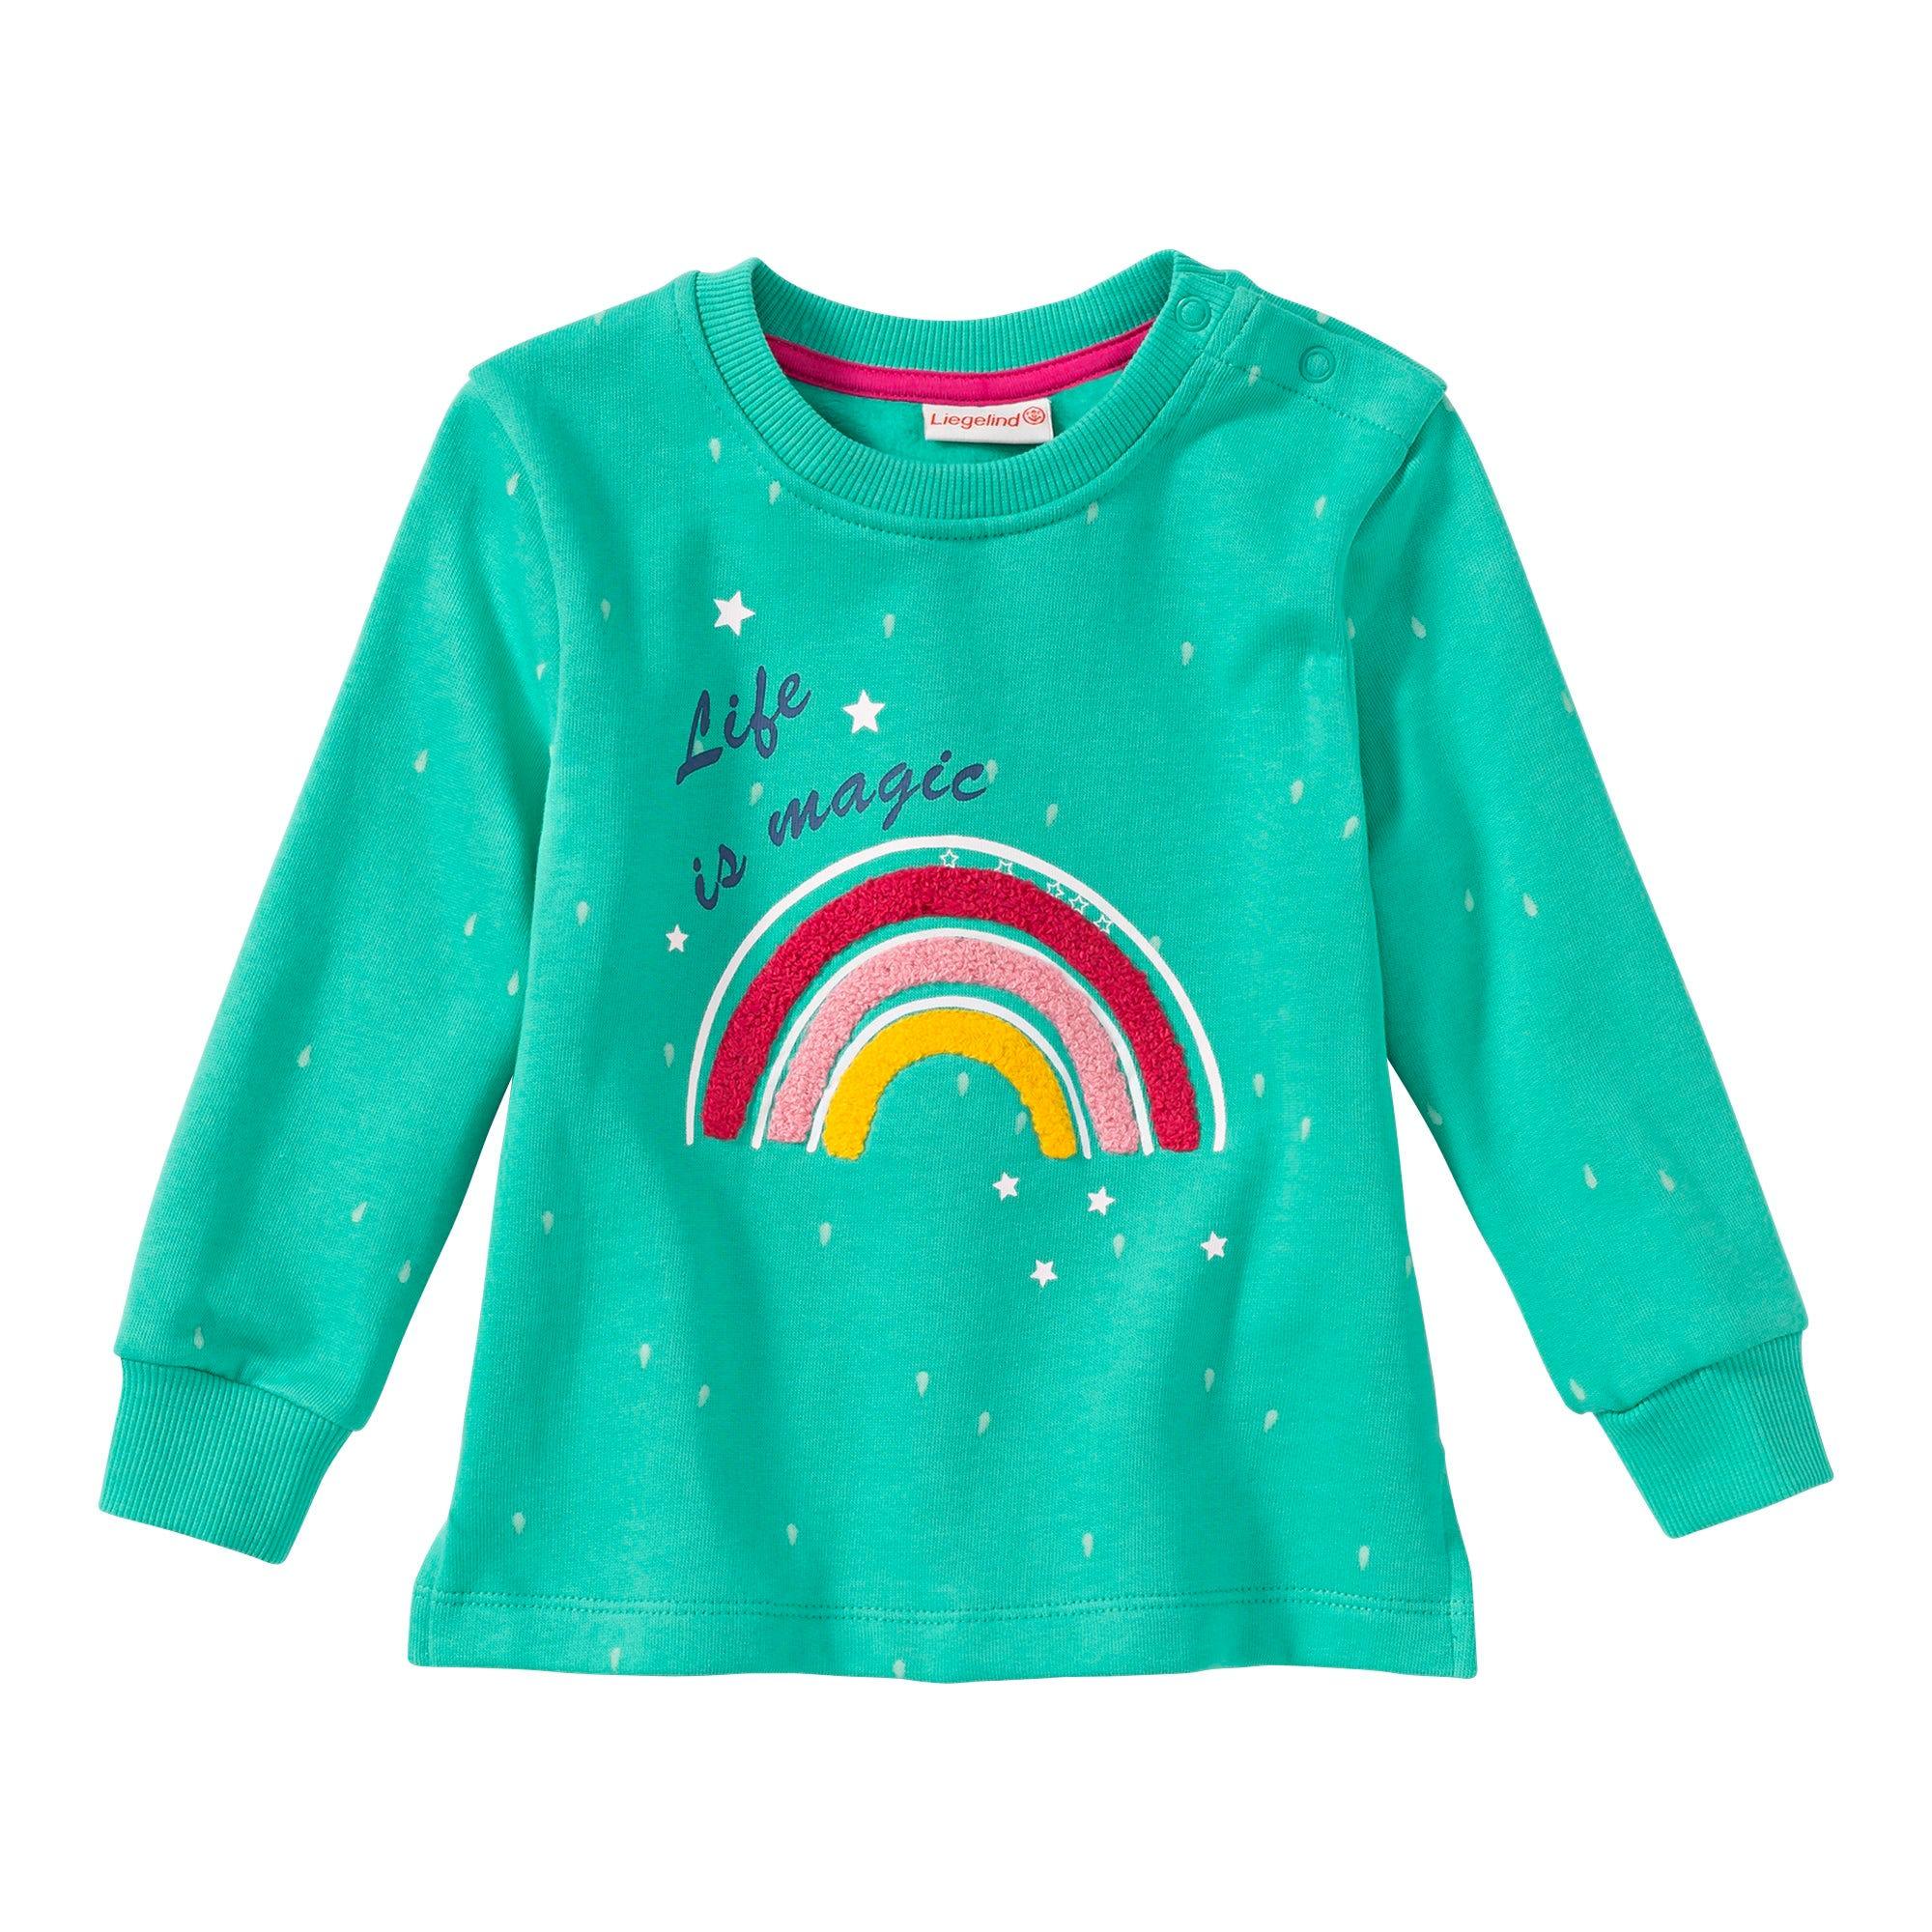 Baby Mädchen Sweatshirt mit Regenbogen Applikation